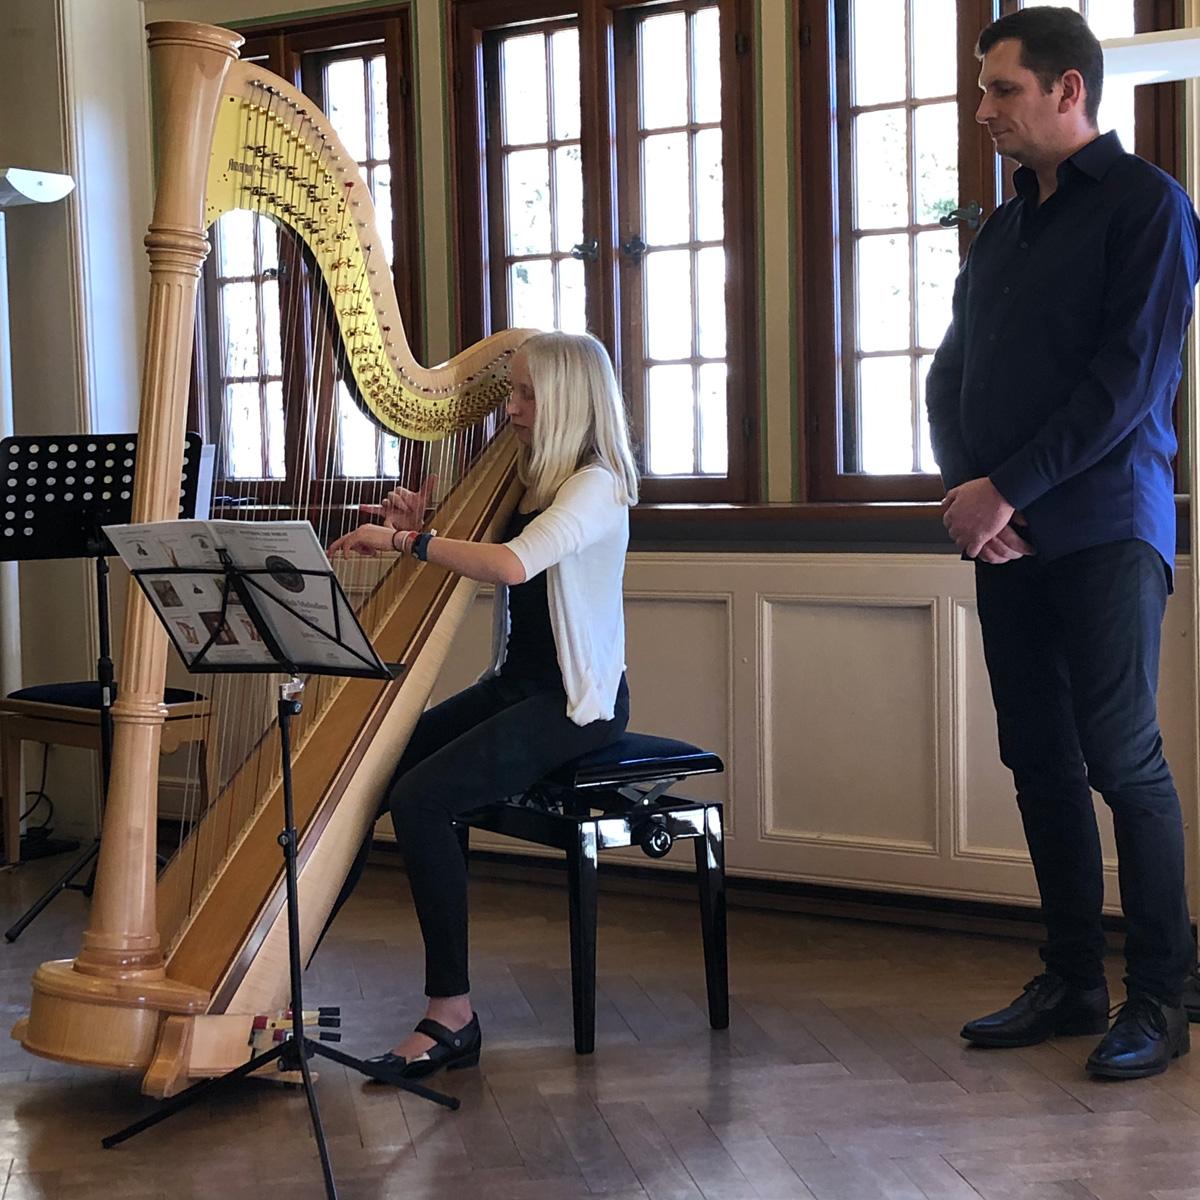 Harfenistin aus Alpirsbach bei Matinée im Hohen Giebel vom 24.2.2019; nebenstehend ihr Lehrer Jochen Stübenrath